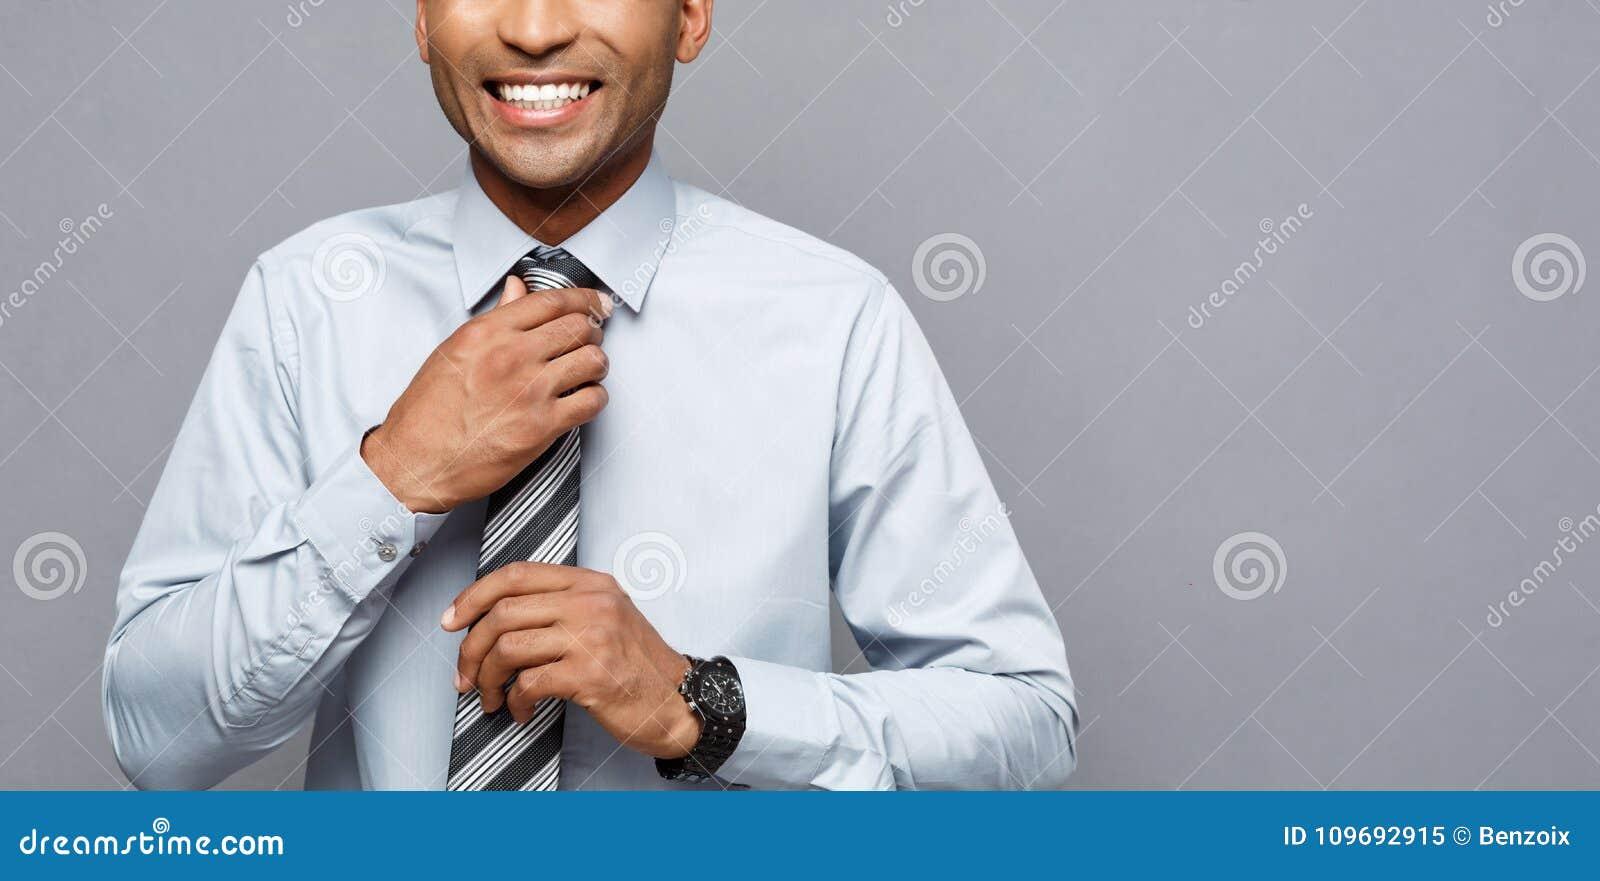 Bedrijfsconcept - het Gelukkige zekere professionele Afrikaanse Amerikaanse zakenman stellen over grijze achtergrond